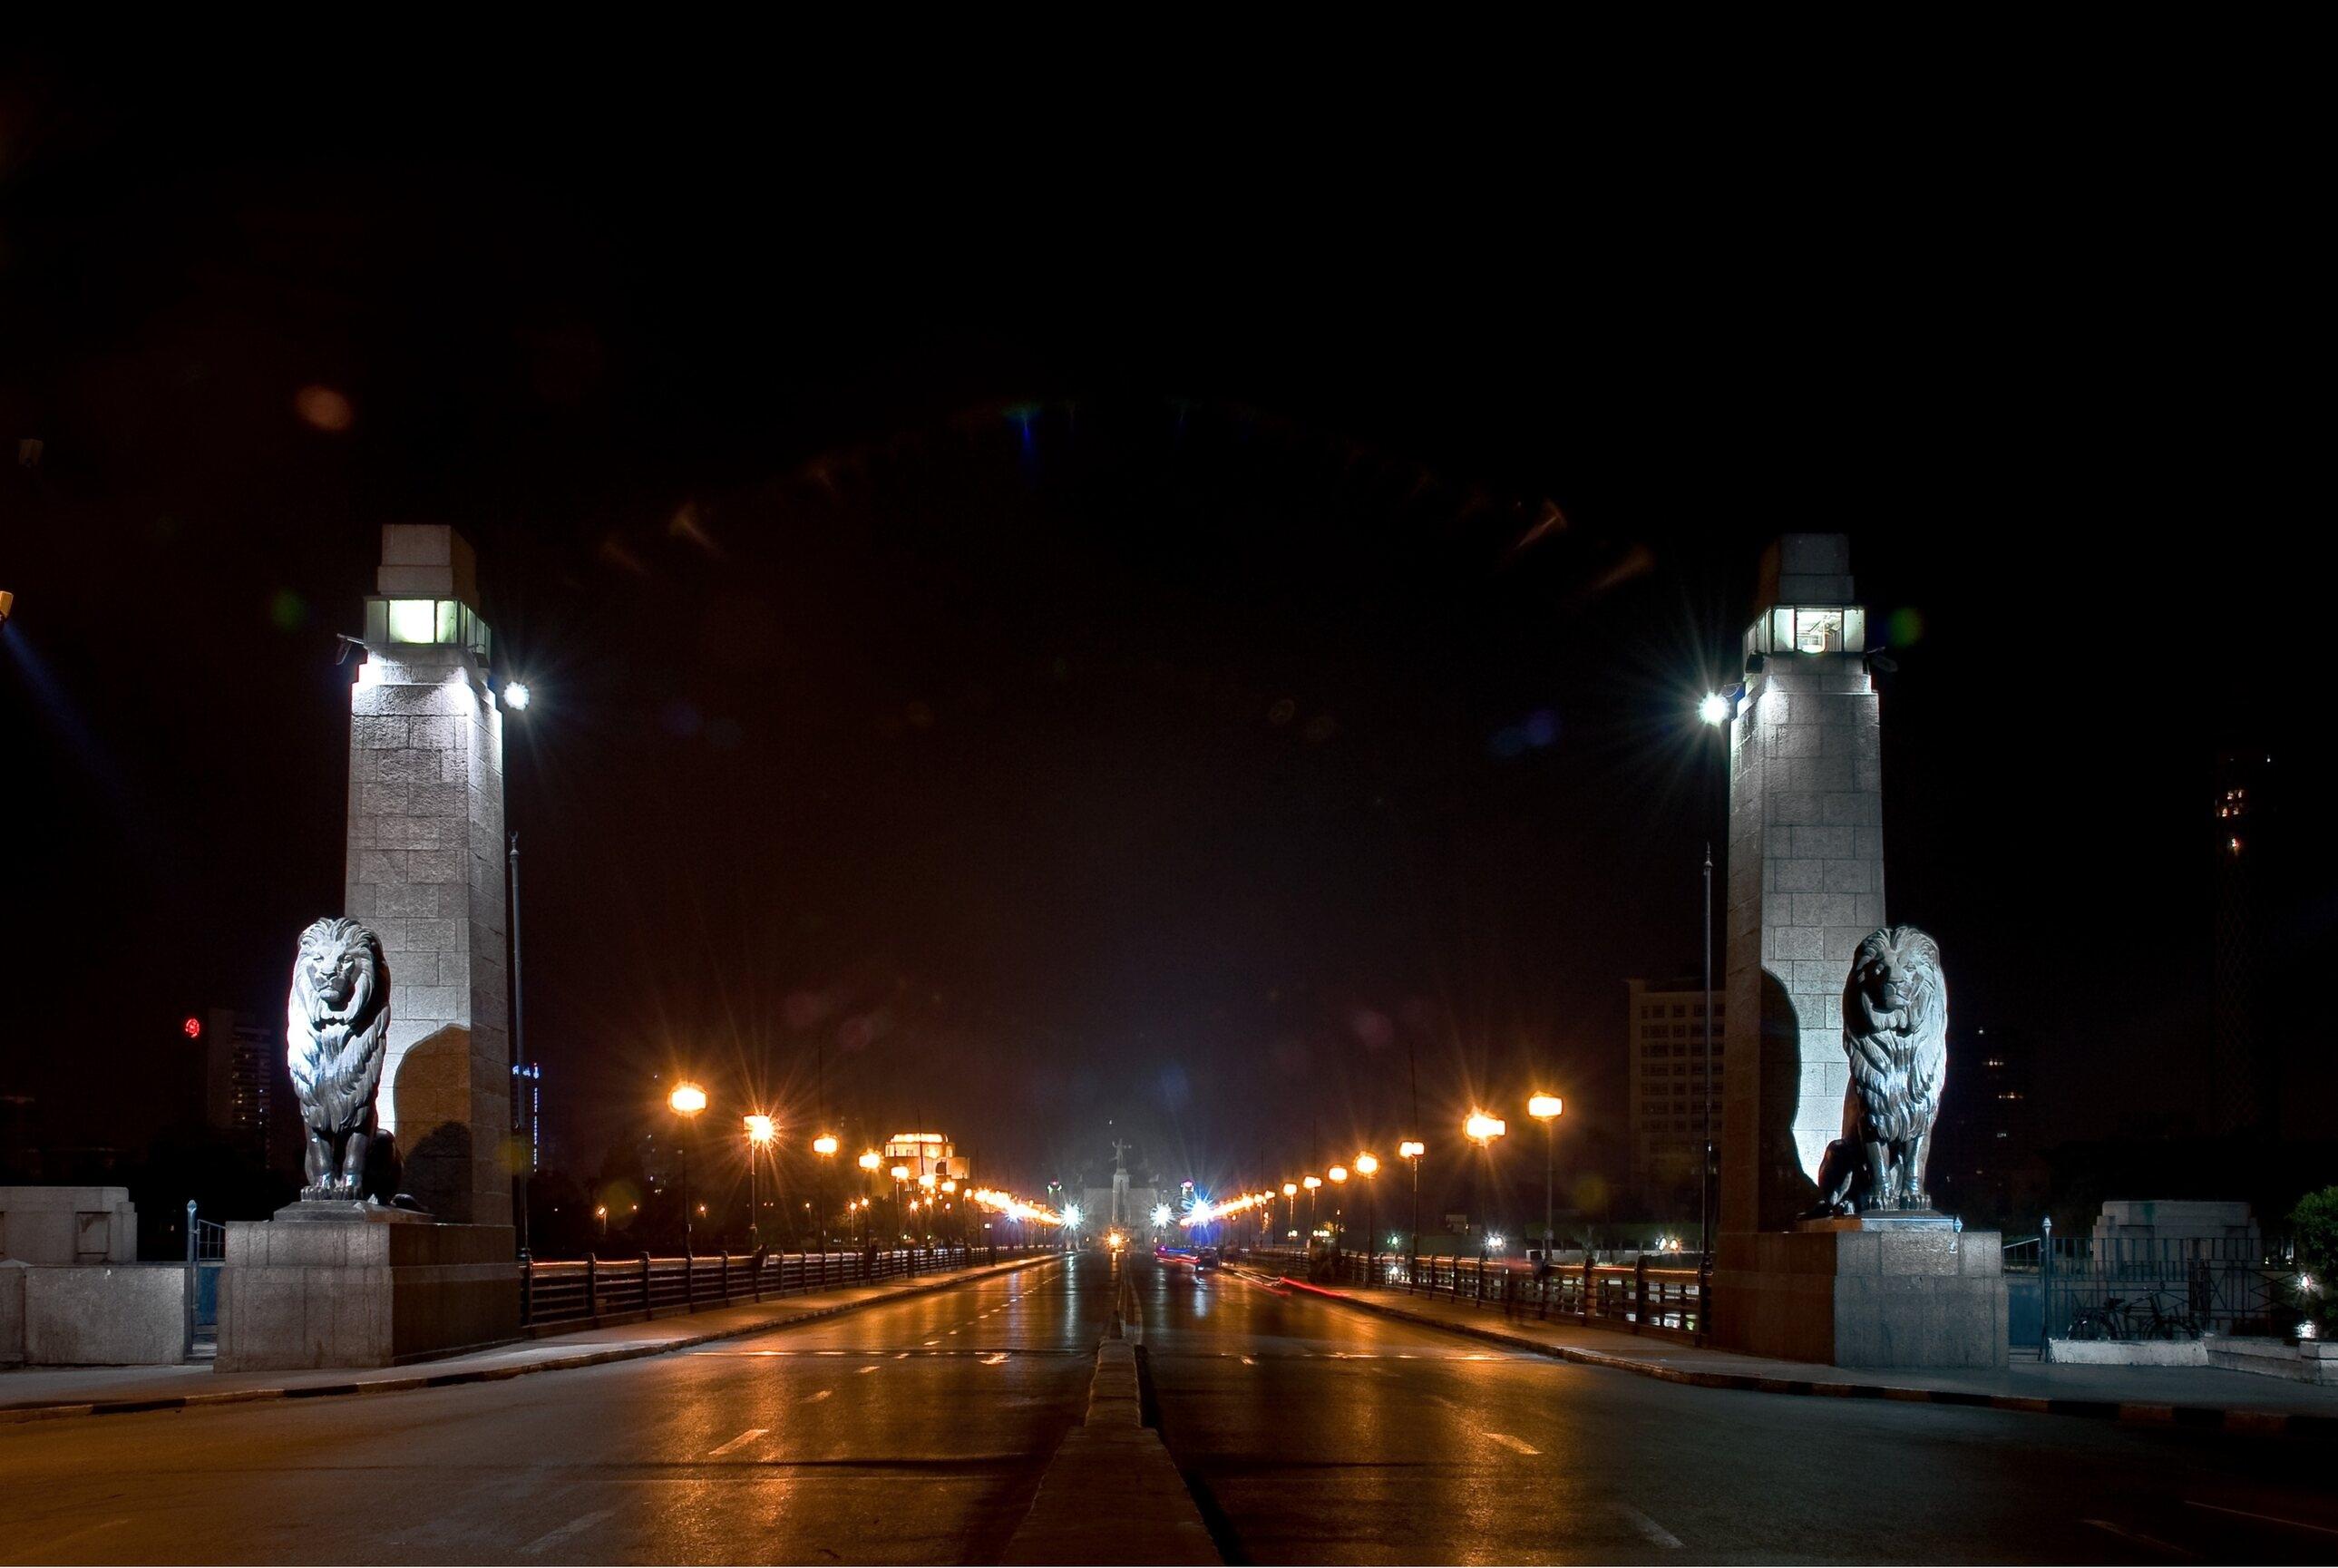 الجسور و الميادين